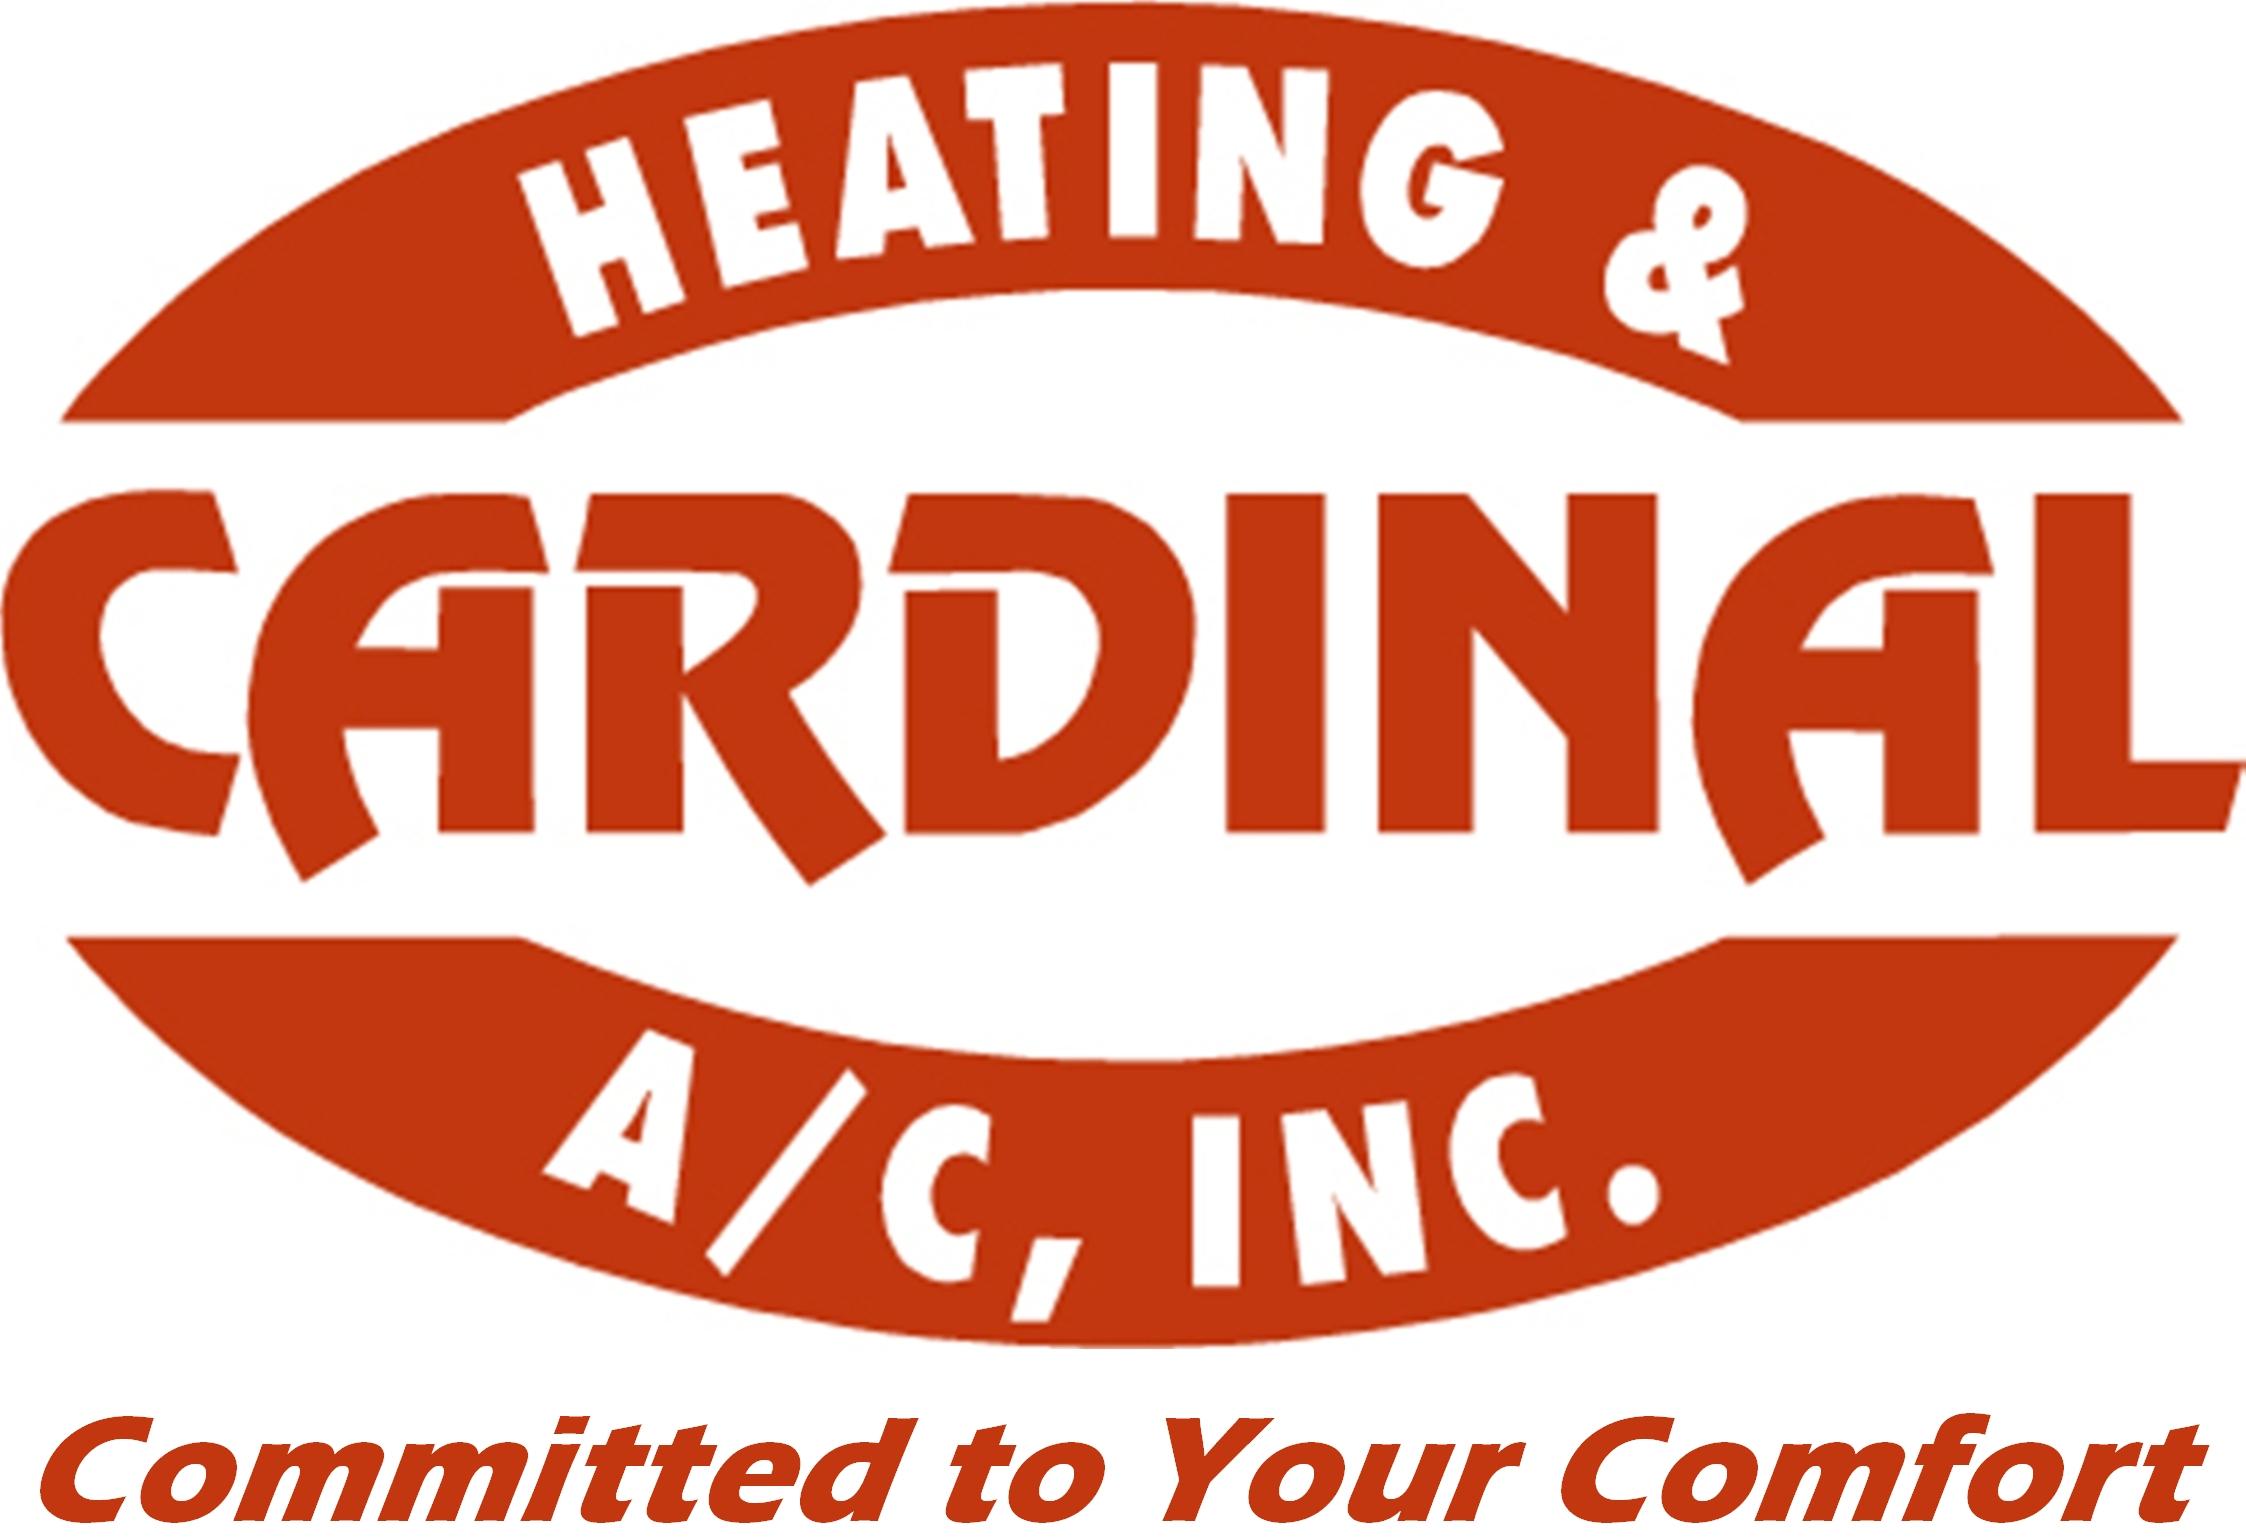 Cardinal Heating & a/C, Inc.